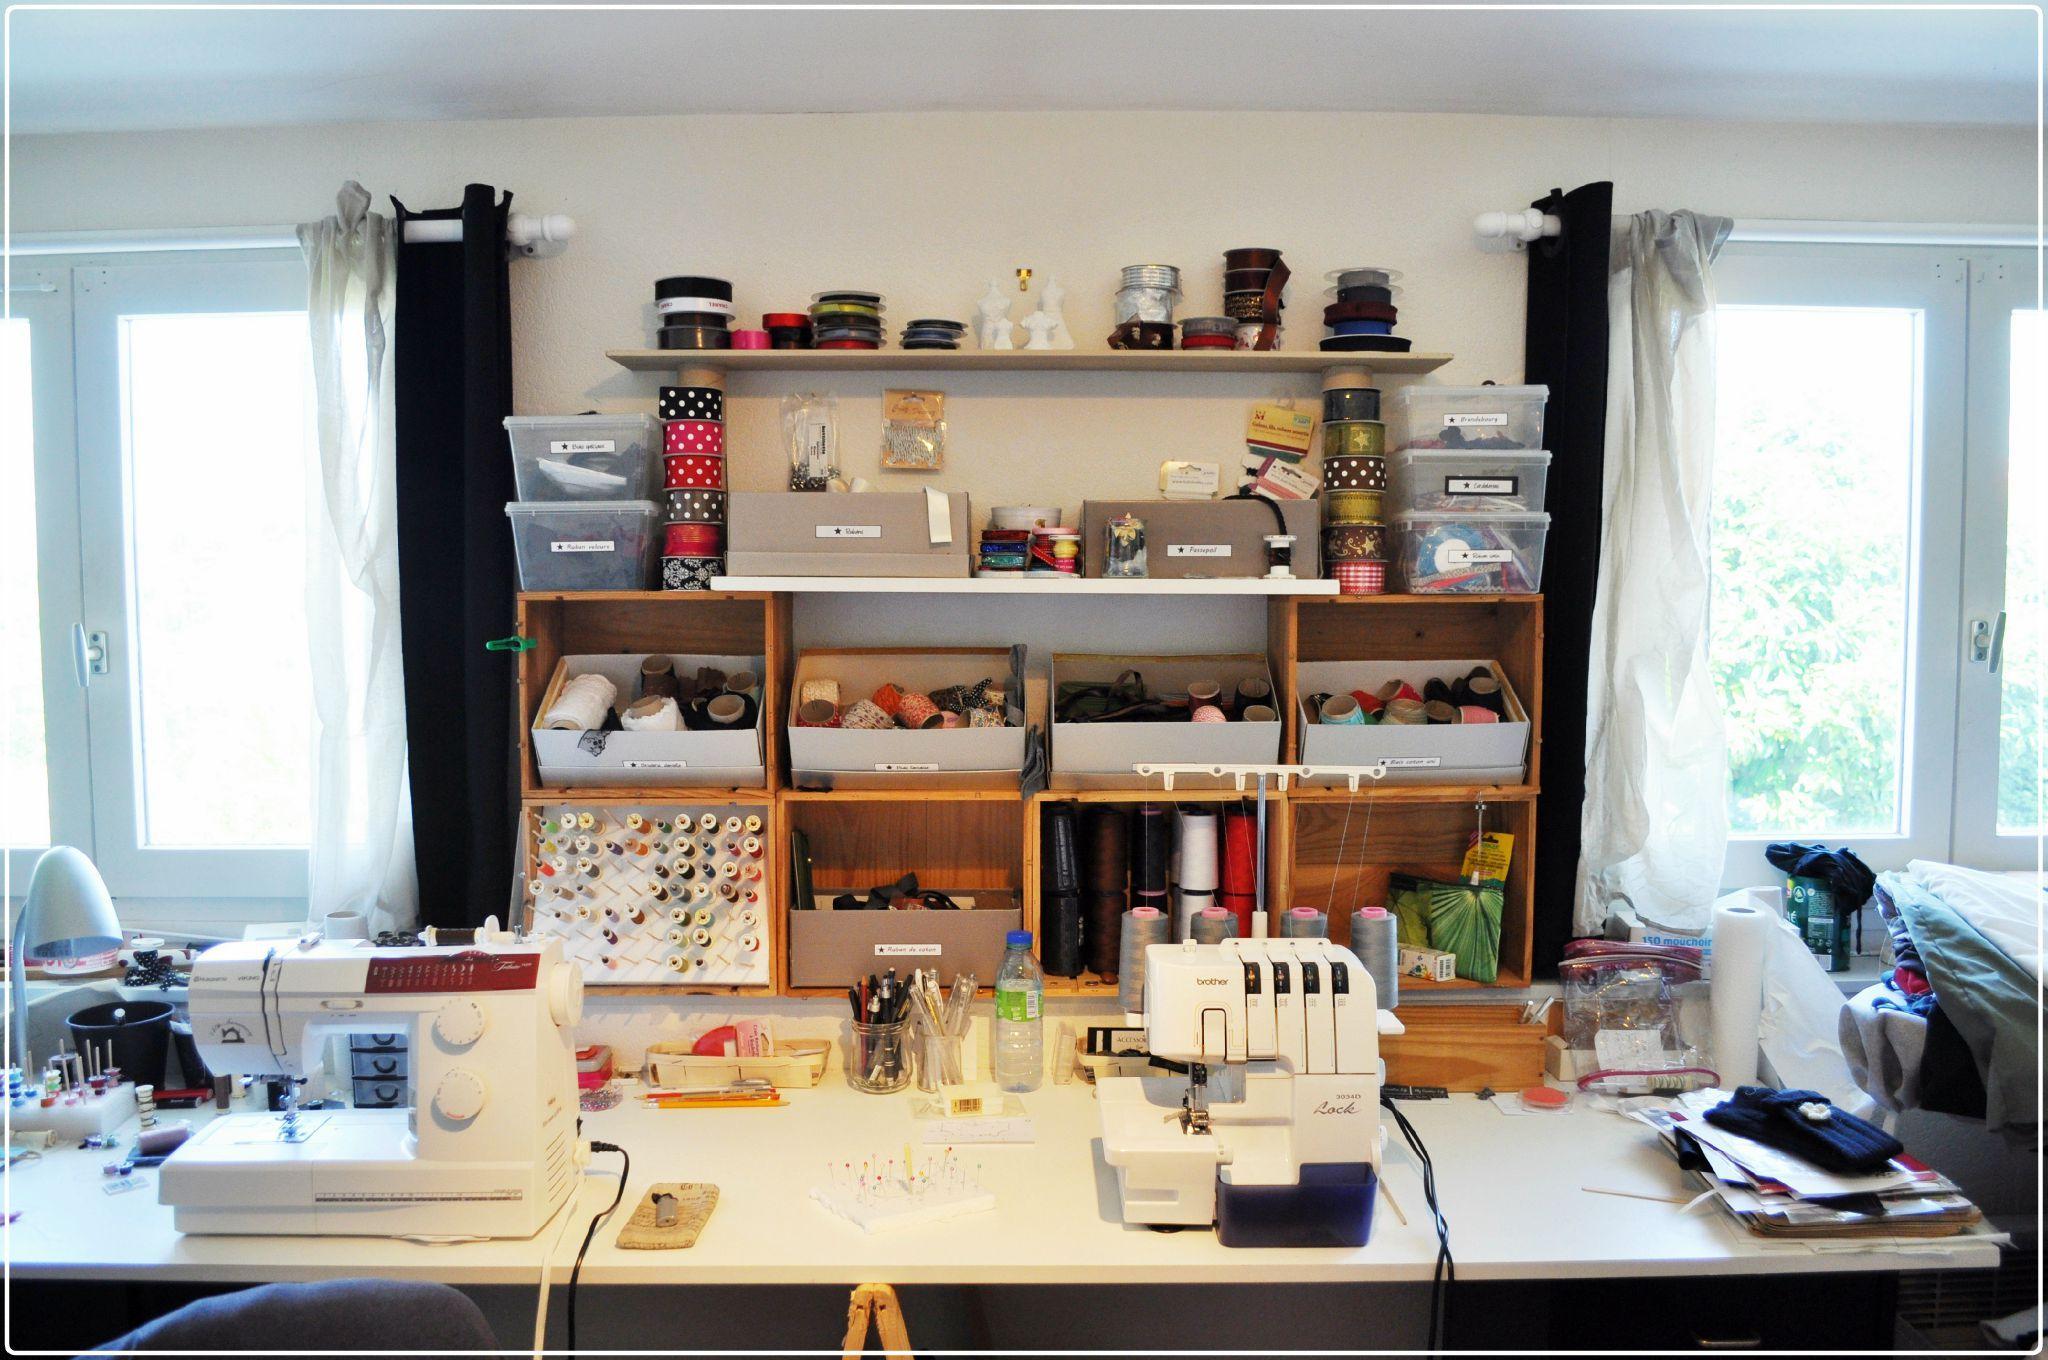 rangement d 39 atelier et petites astuces my cr ative life de mother secrets d 39 ateliers. Black Bedroom Furniture Sets. Home Design Ideas